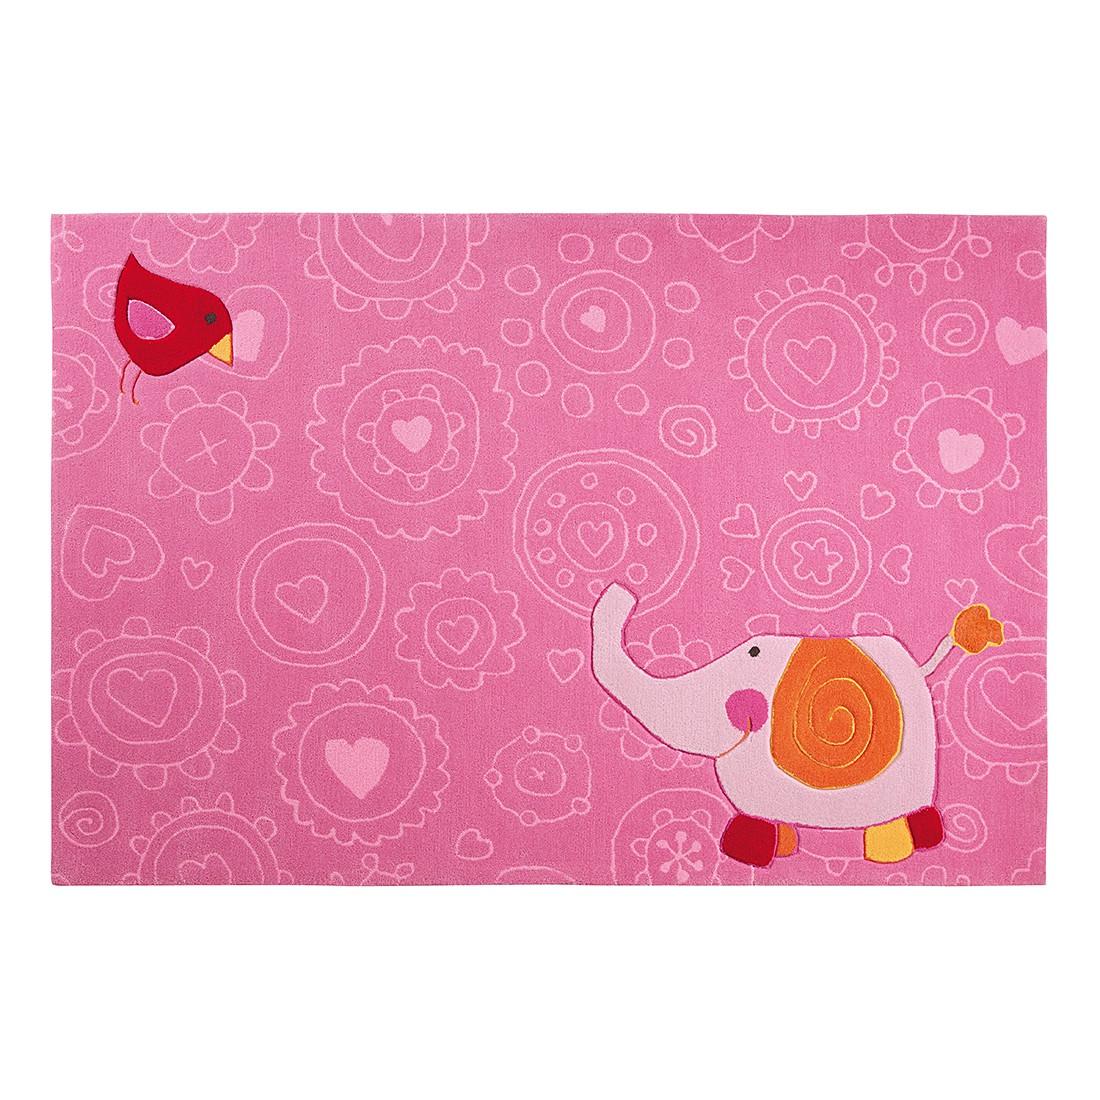 Teppich Sigikid Happy Zoo Elephant Big Size - Pink - 170 x 240 cm, Sigikid